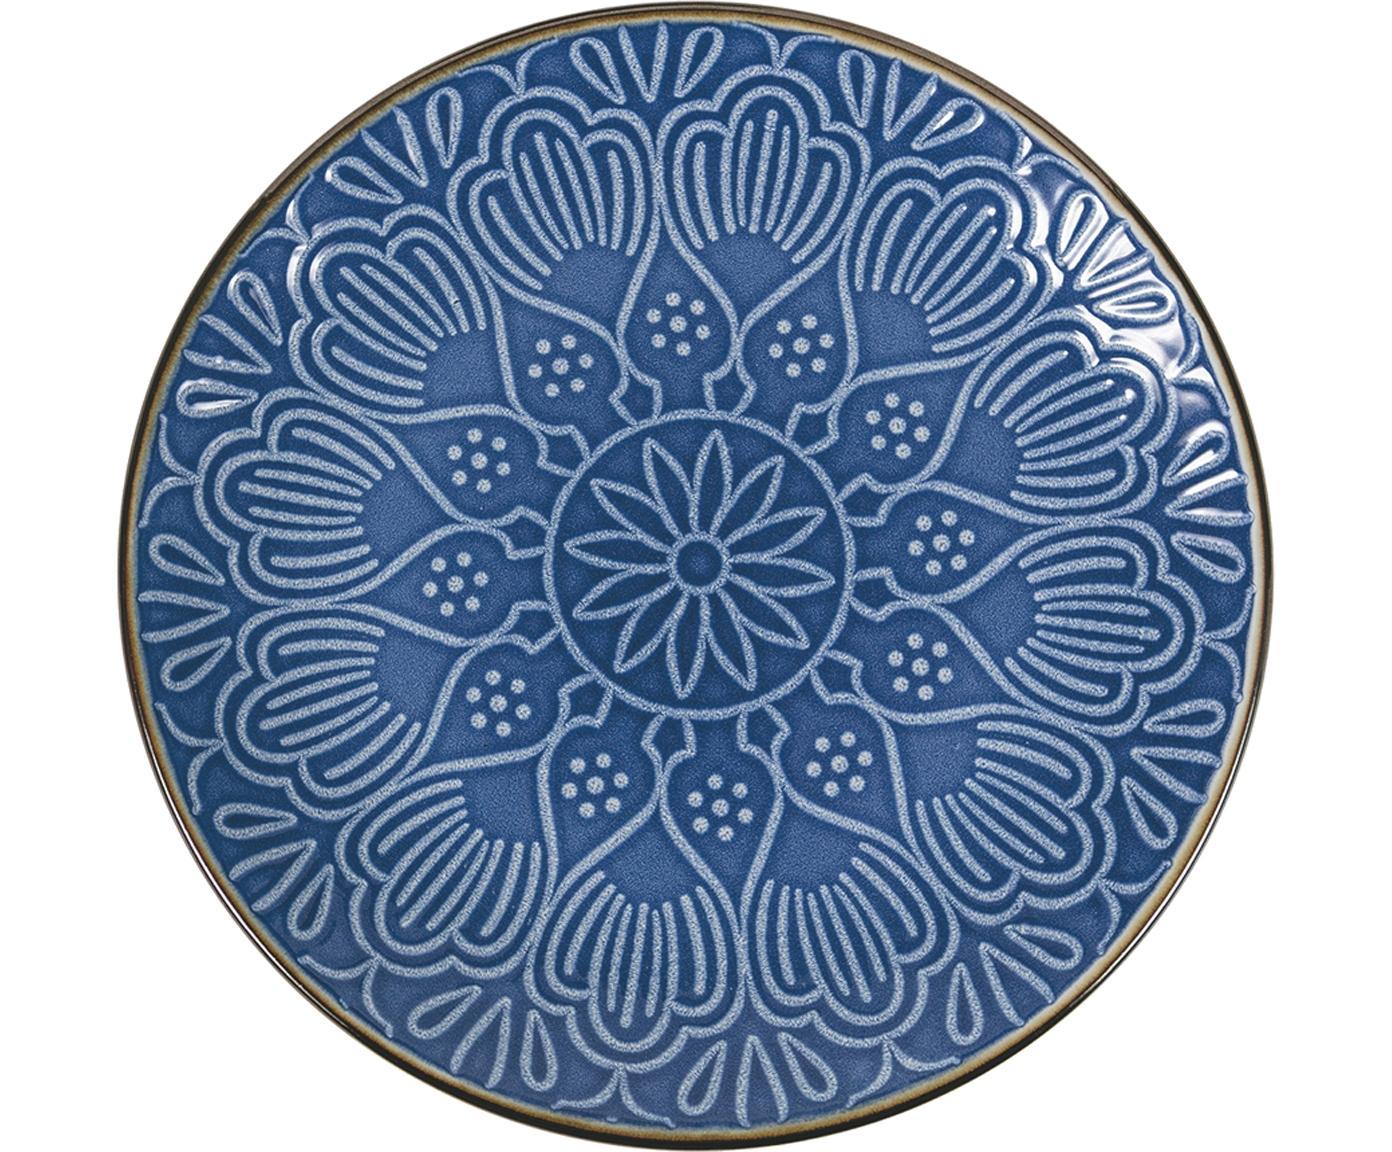 Geschirr-Set Baku mit Ornament-Relief, 6 Personen (18-tlg.), Keramik, Blau, Sondergrößen